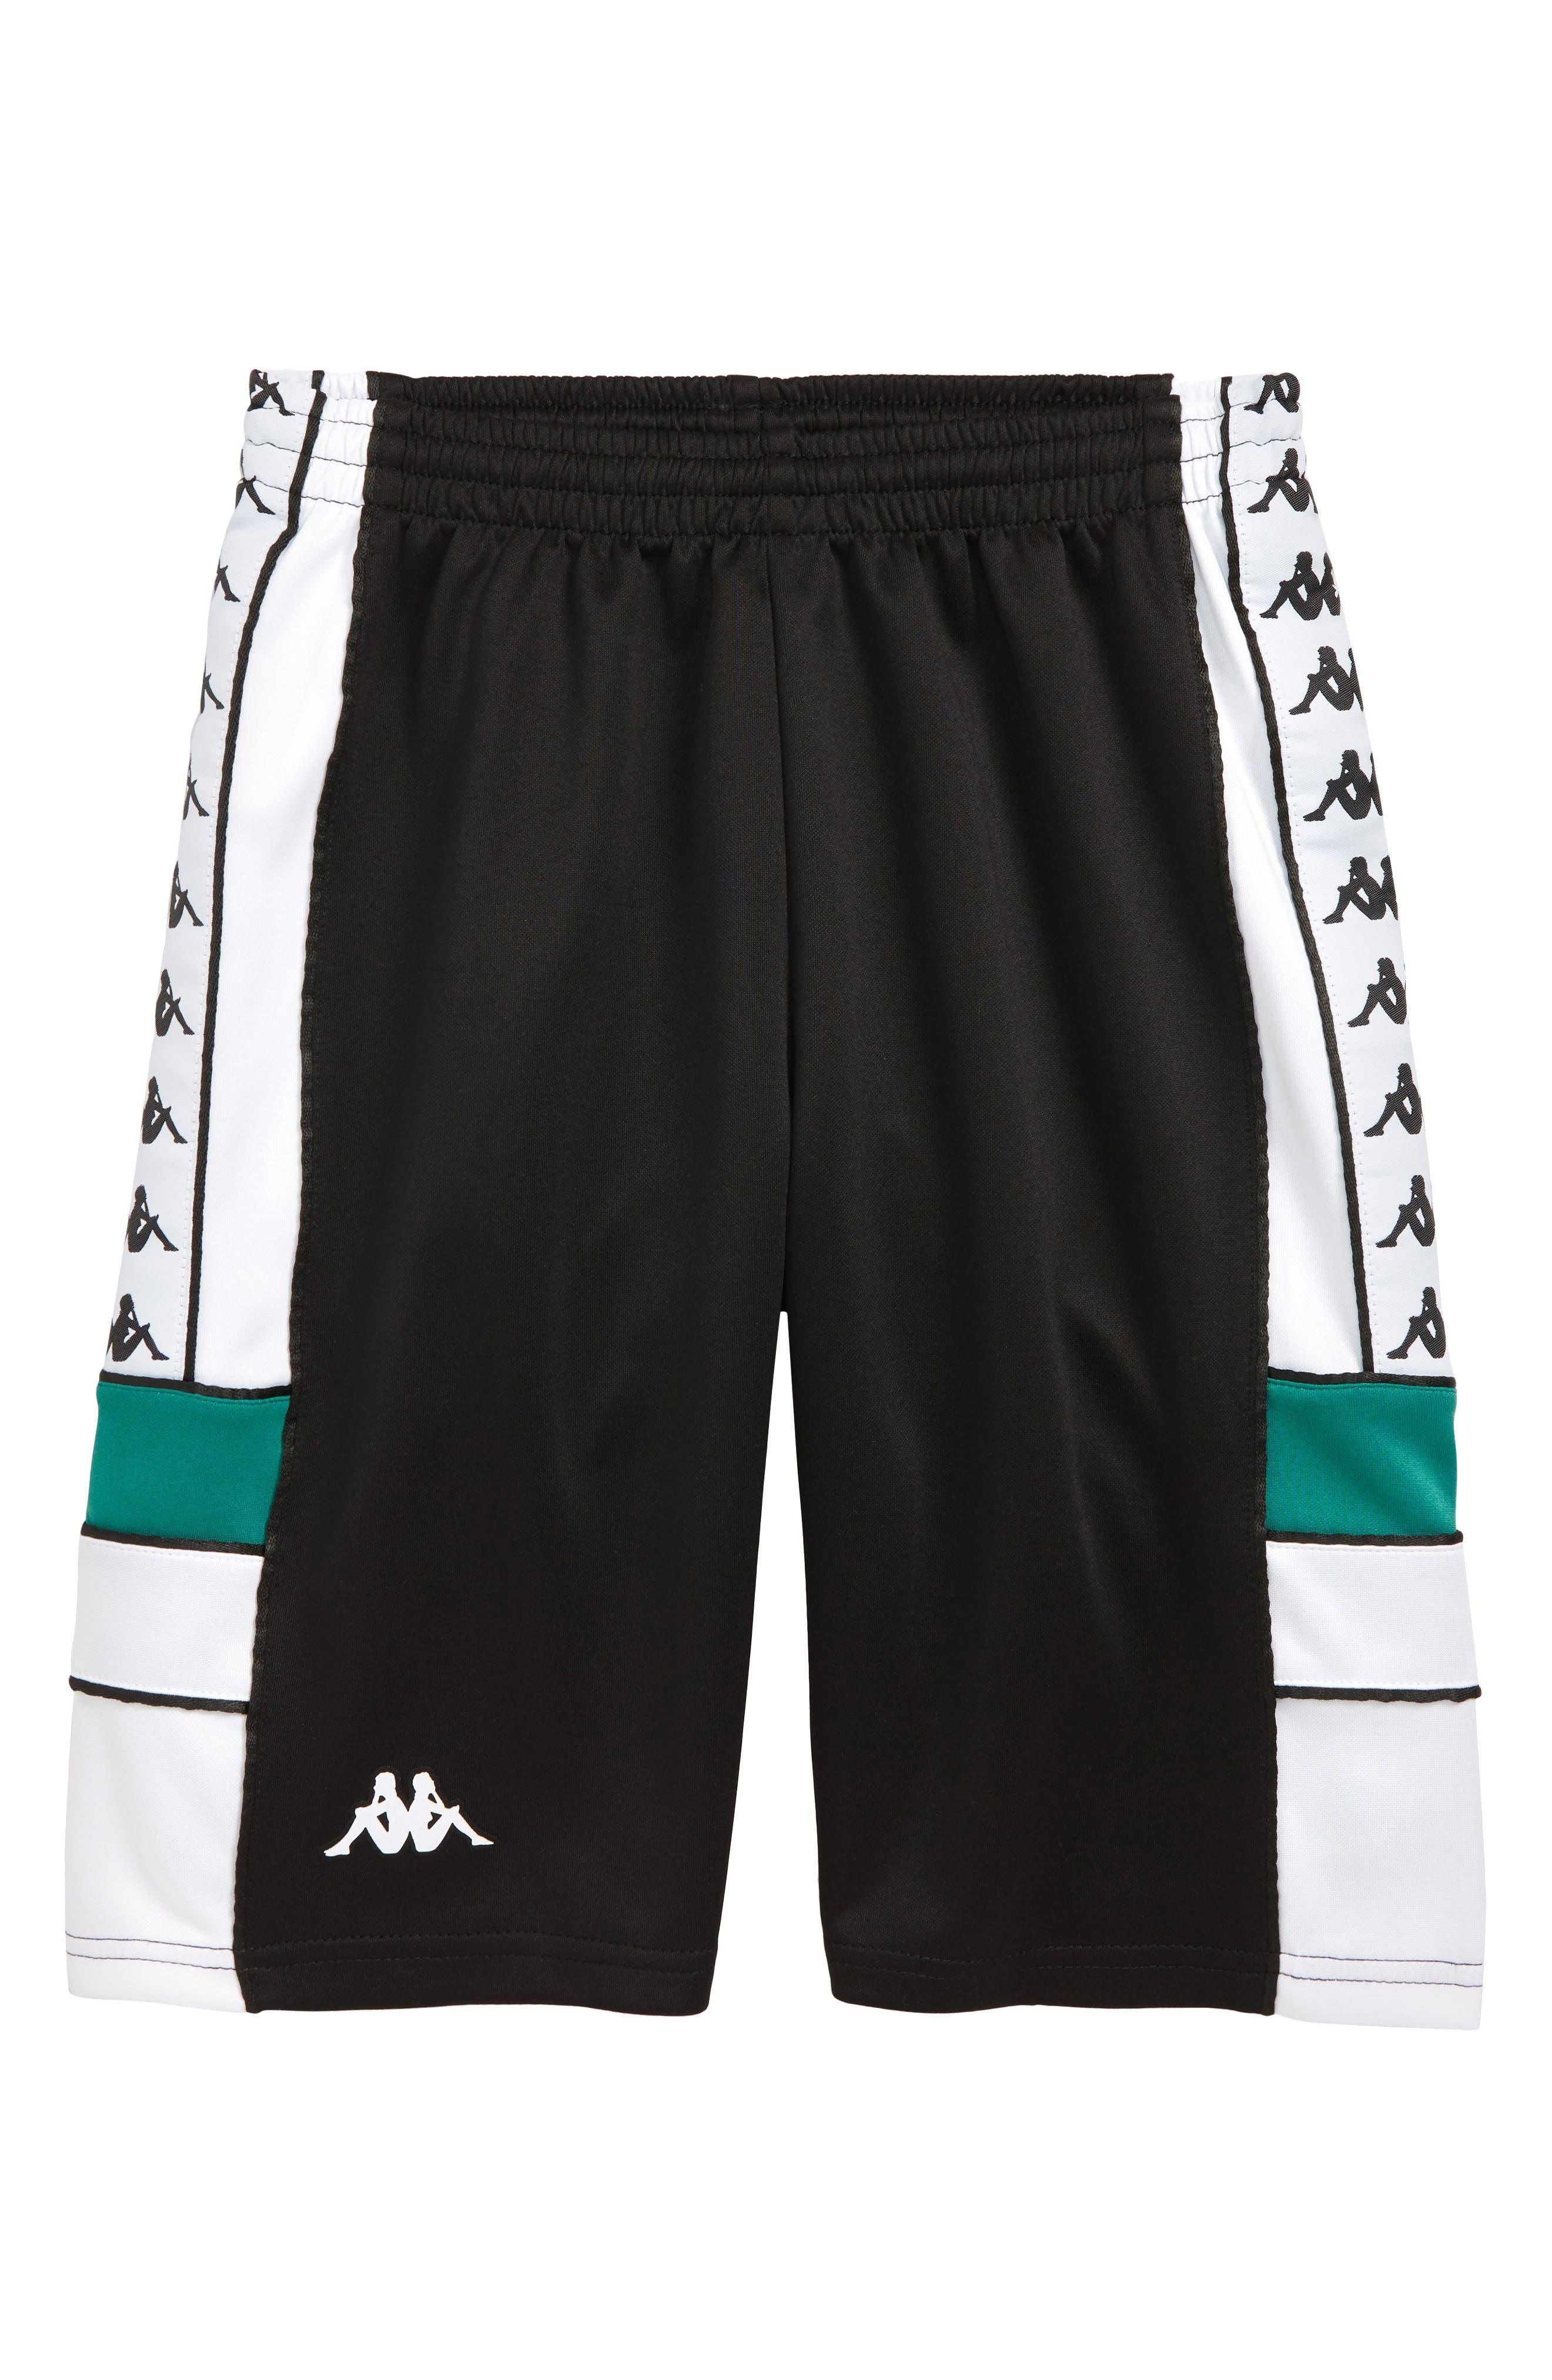 KAPPA 222 Banda Shorts, Main, color, BLACK/ WHITE/ GREEN